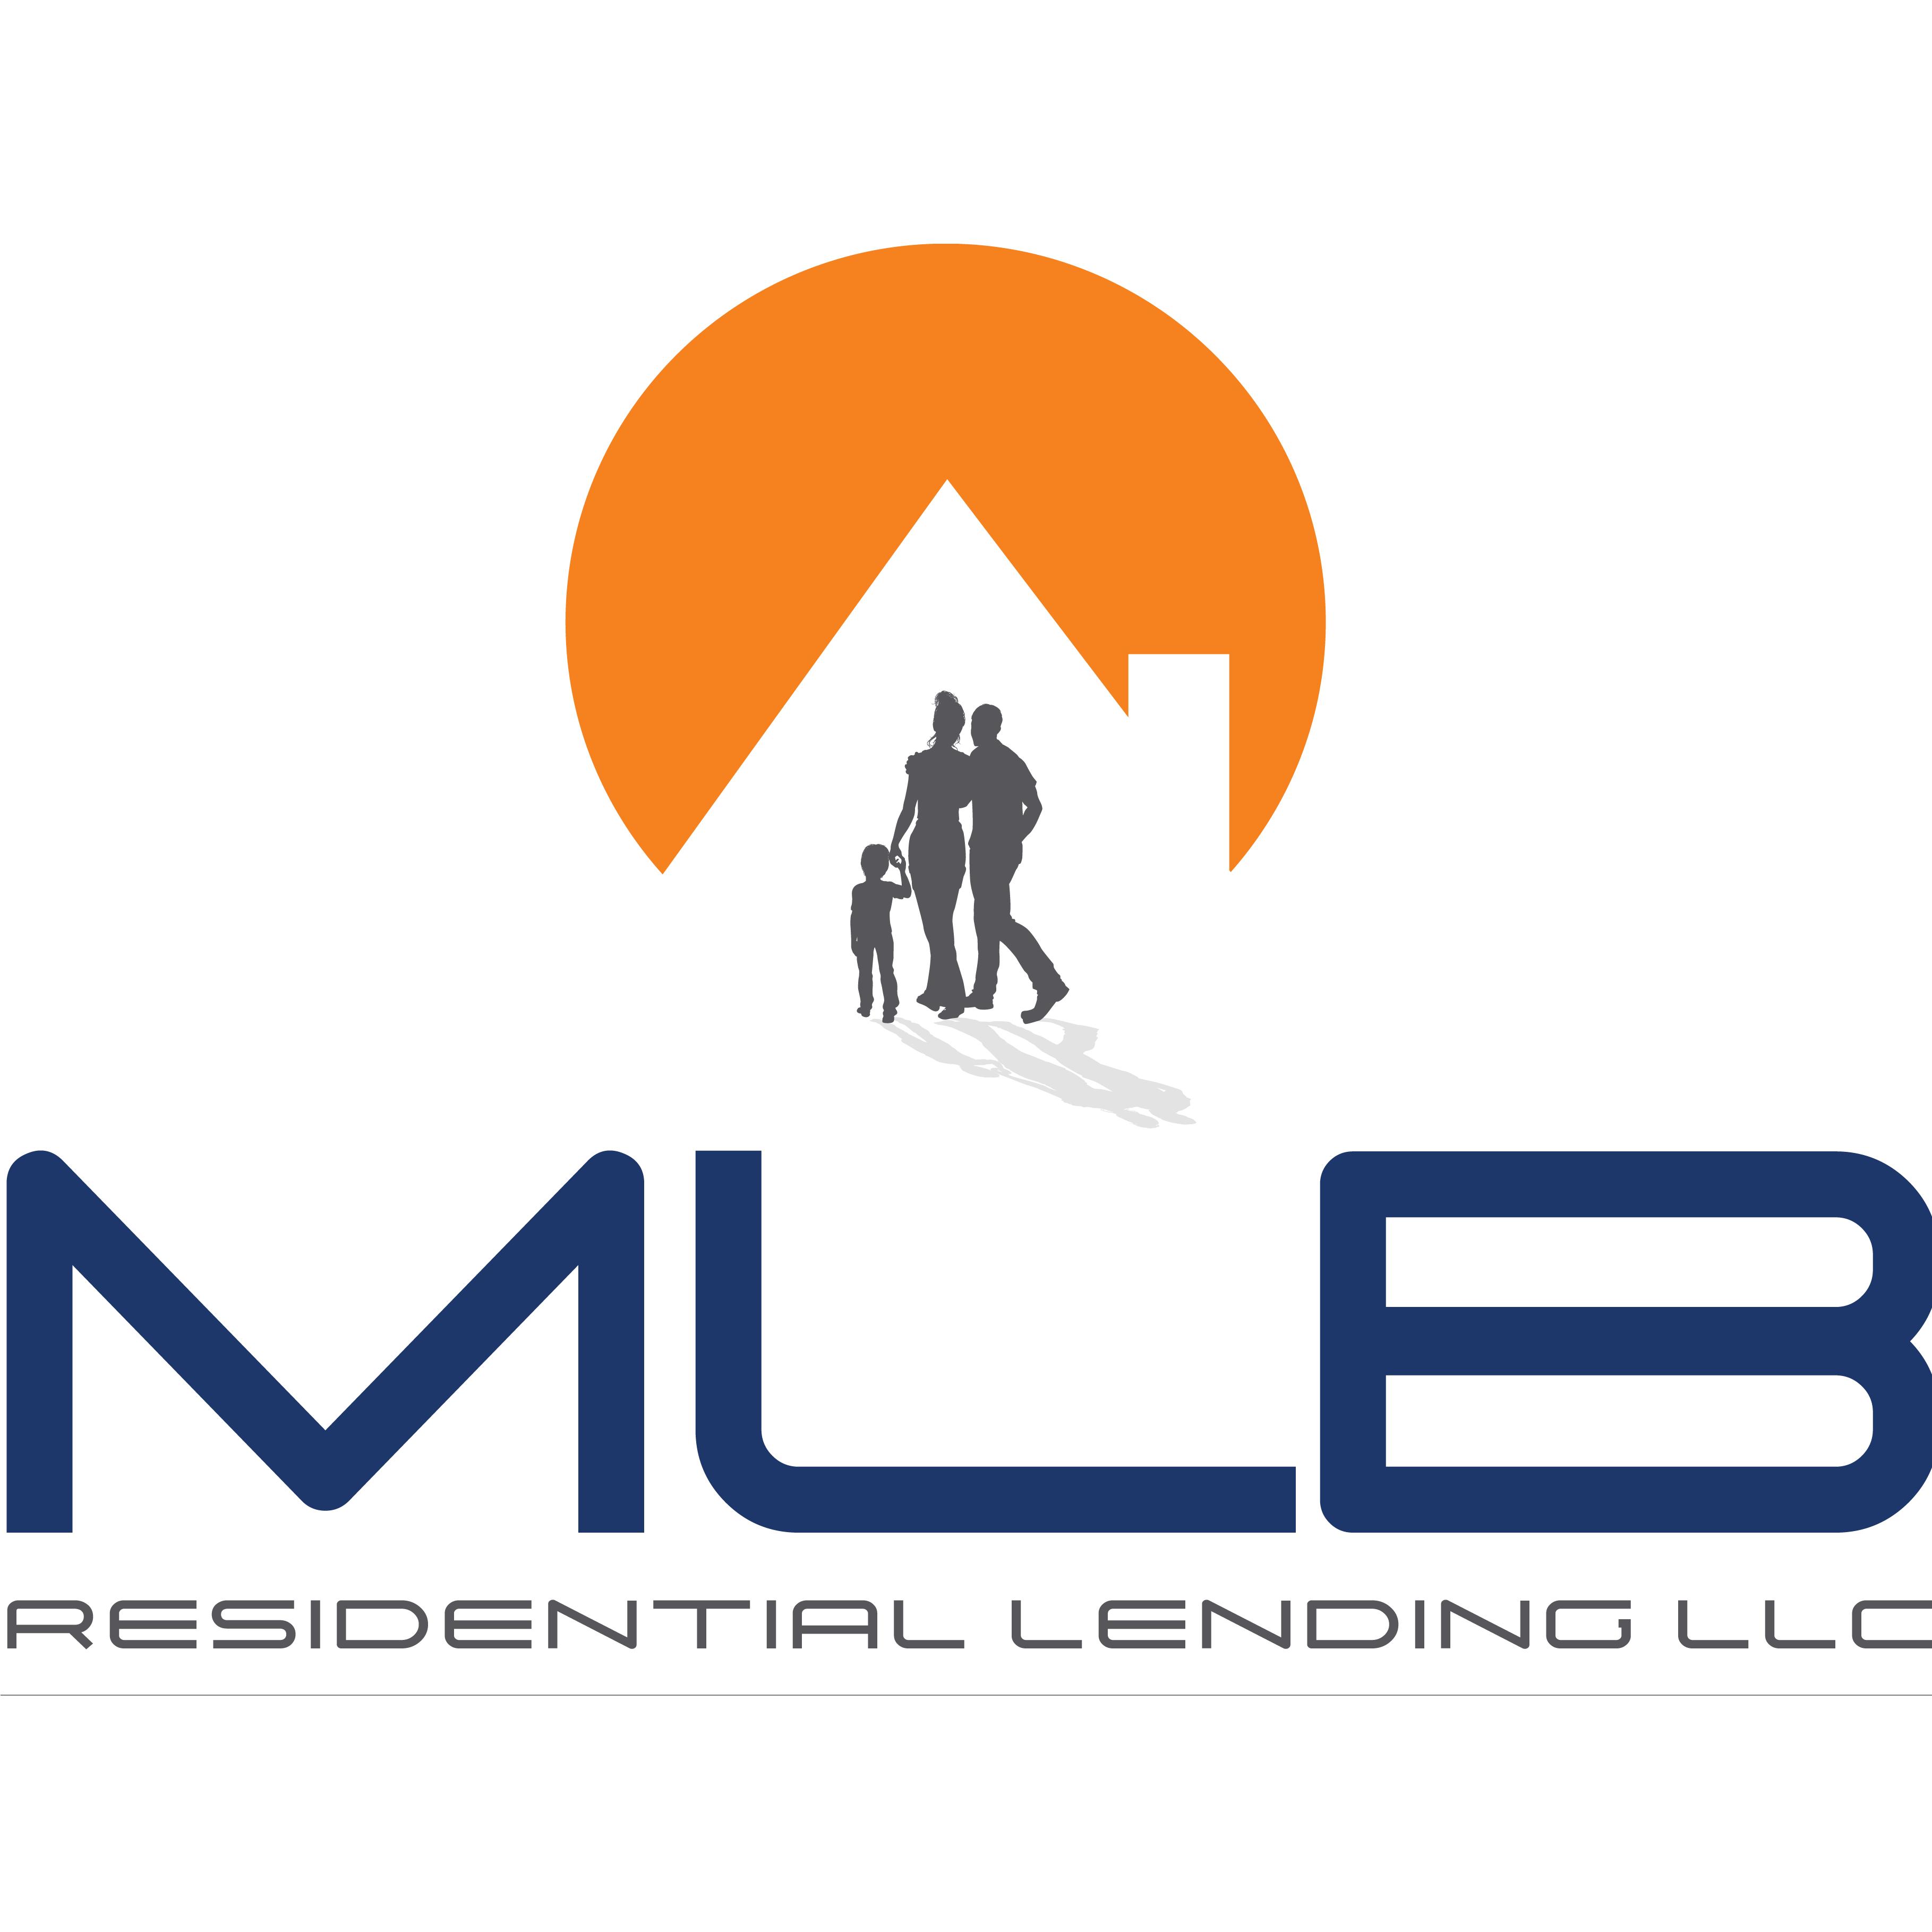 MLB Residential Lending LLC image 0